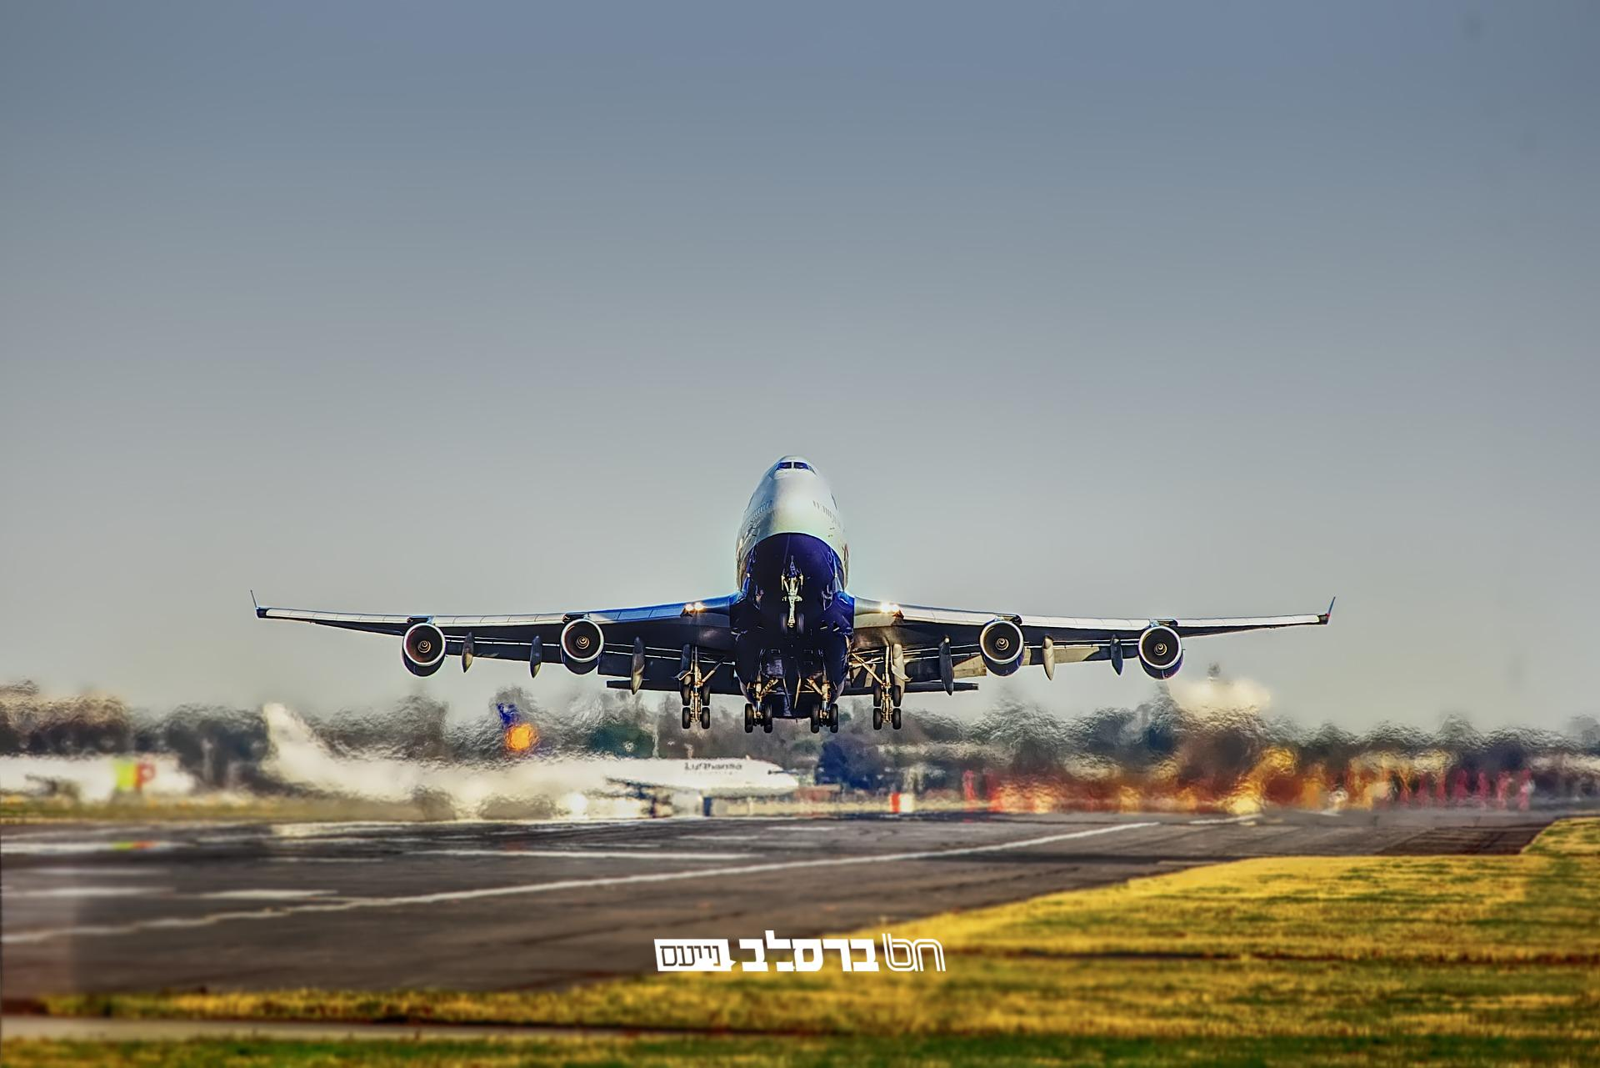 חדשות תעופה • כל העדכונים וההנחיות לנוסעים